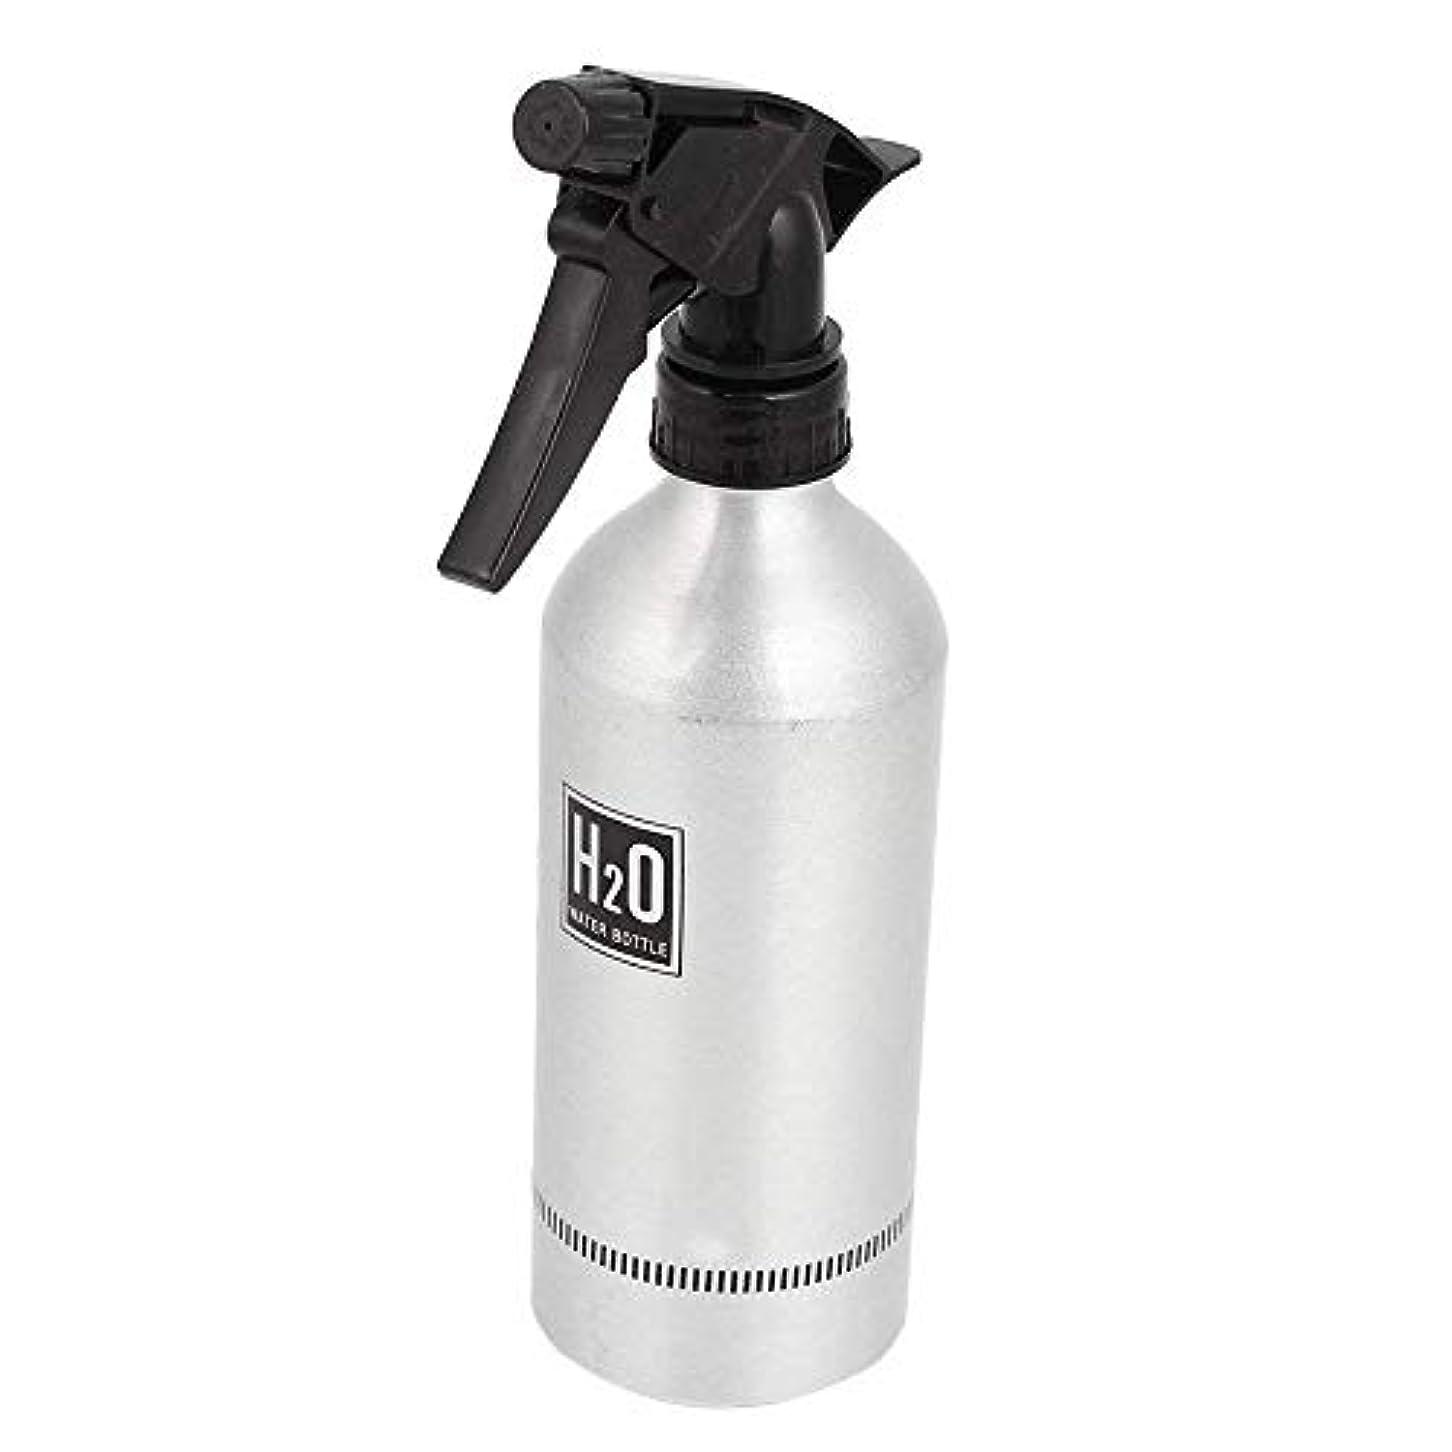 やる船酔いねばねばOnior アルミ スプレー缶 水髪器 スプレー スプレーボトル 美容ツール サロン 理髪師 美容師 清潔 クリーニング 500ミリリットル